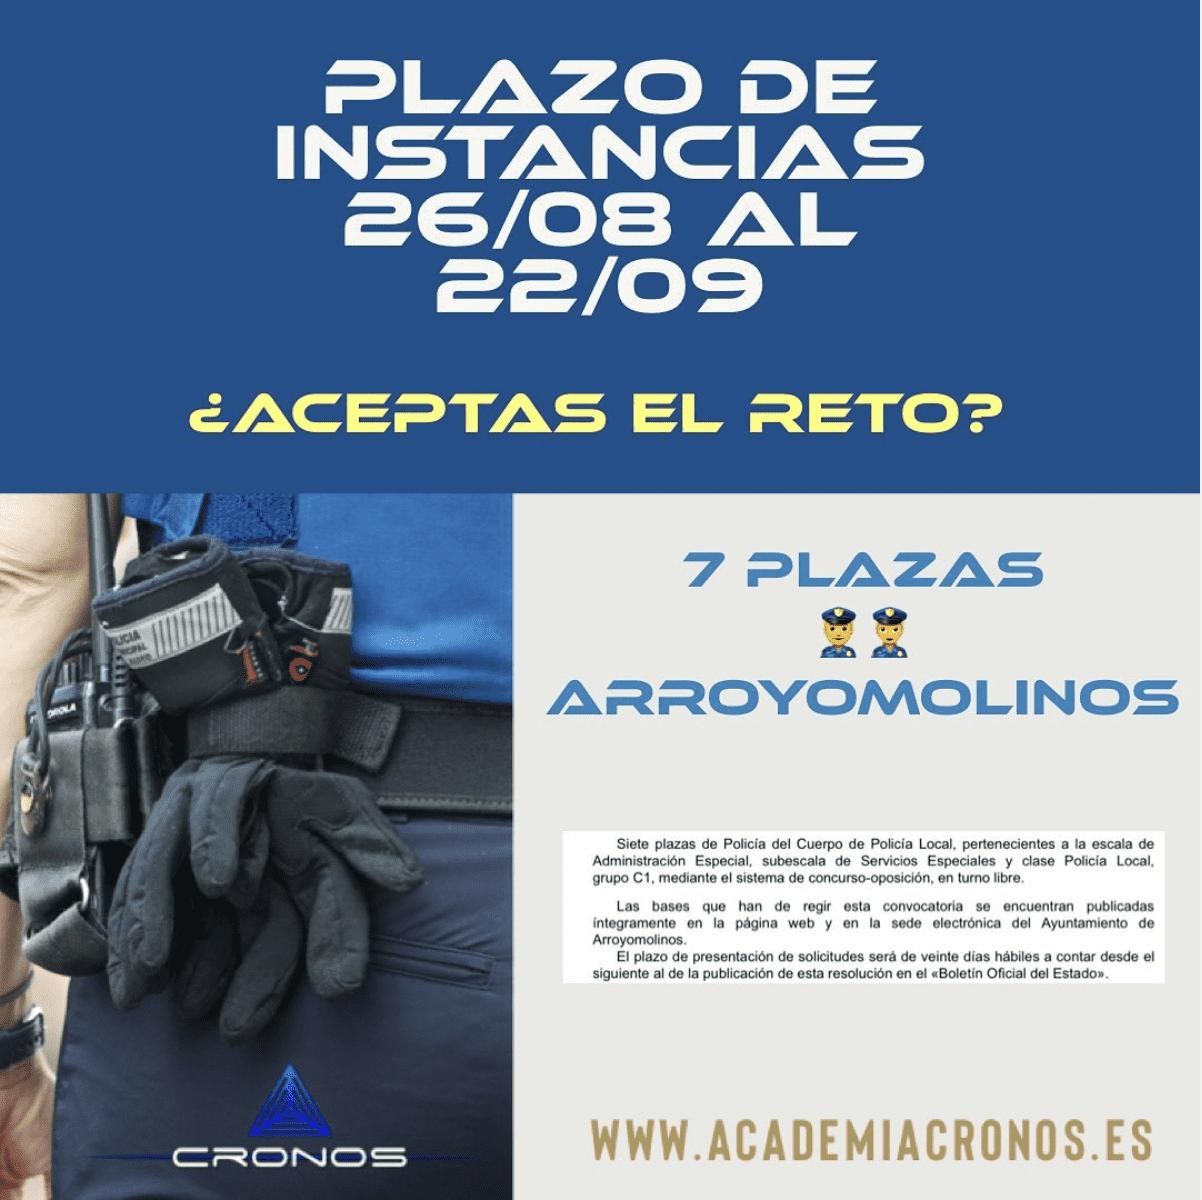 7 PLAZAS policía local Arroyomolinos_ Instancias hasta el 22 de septiembre